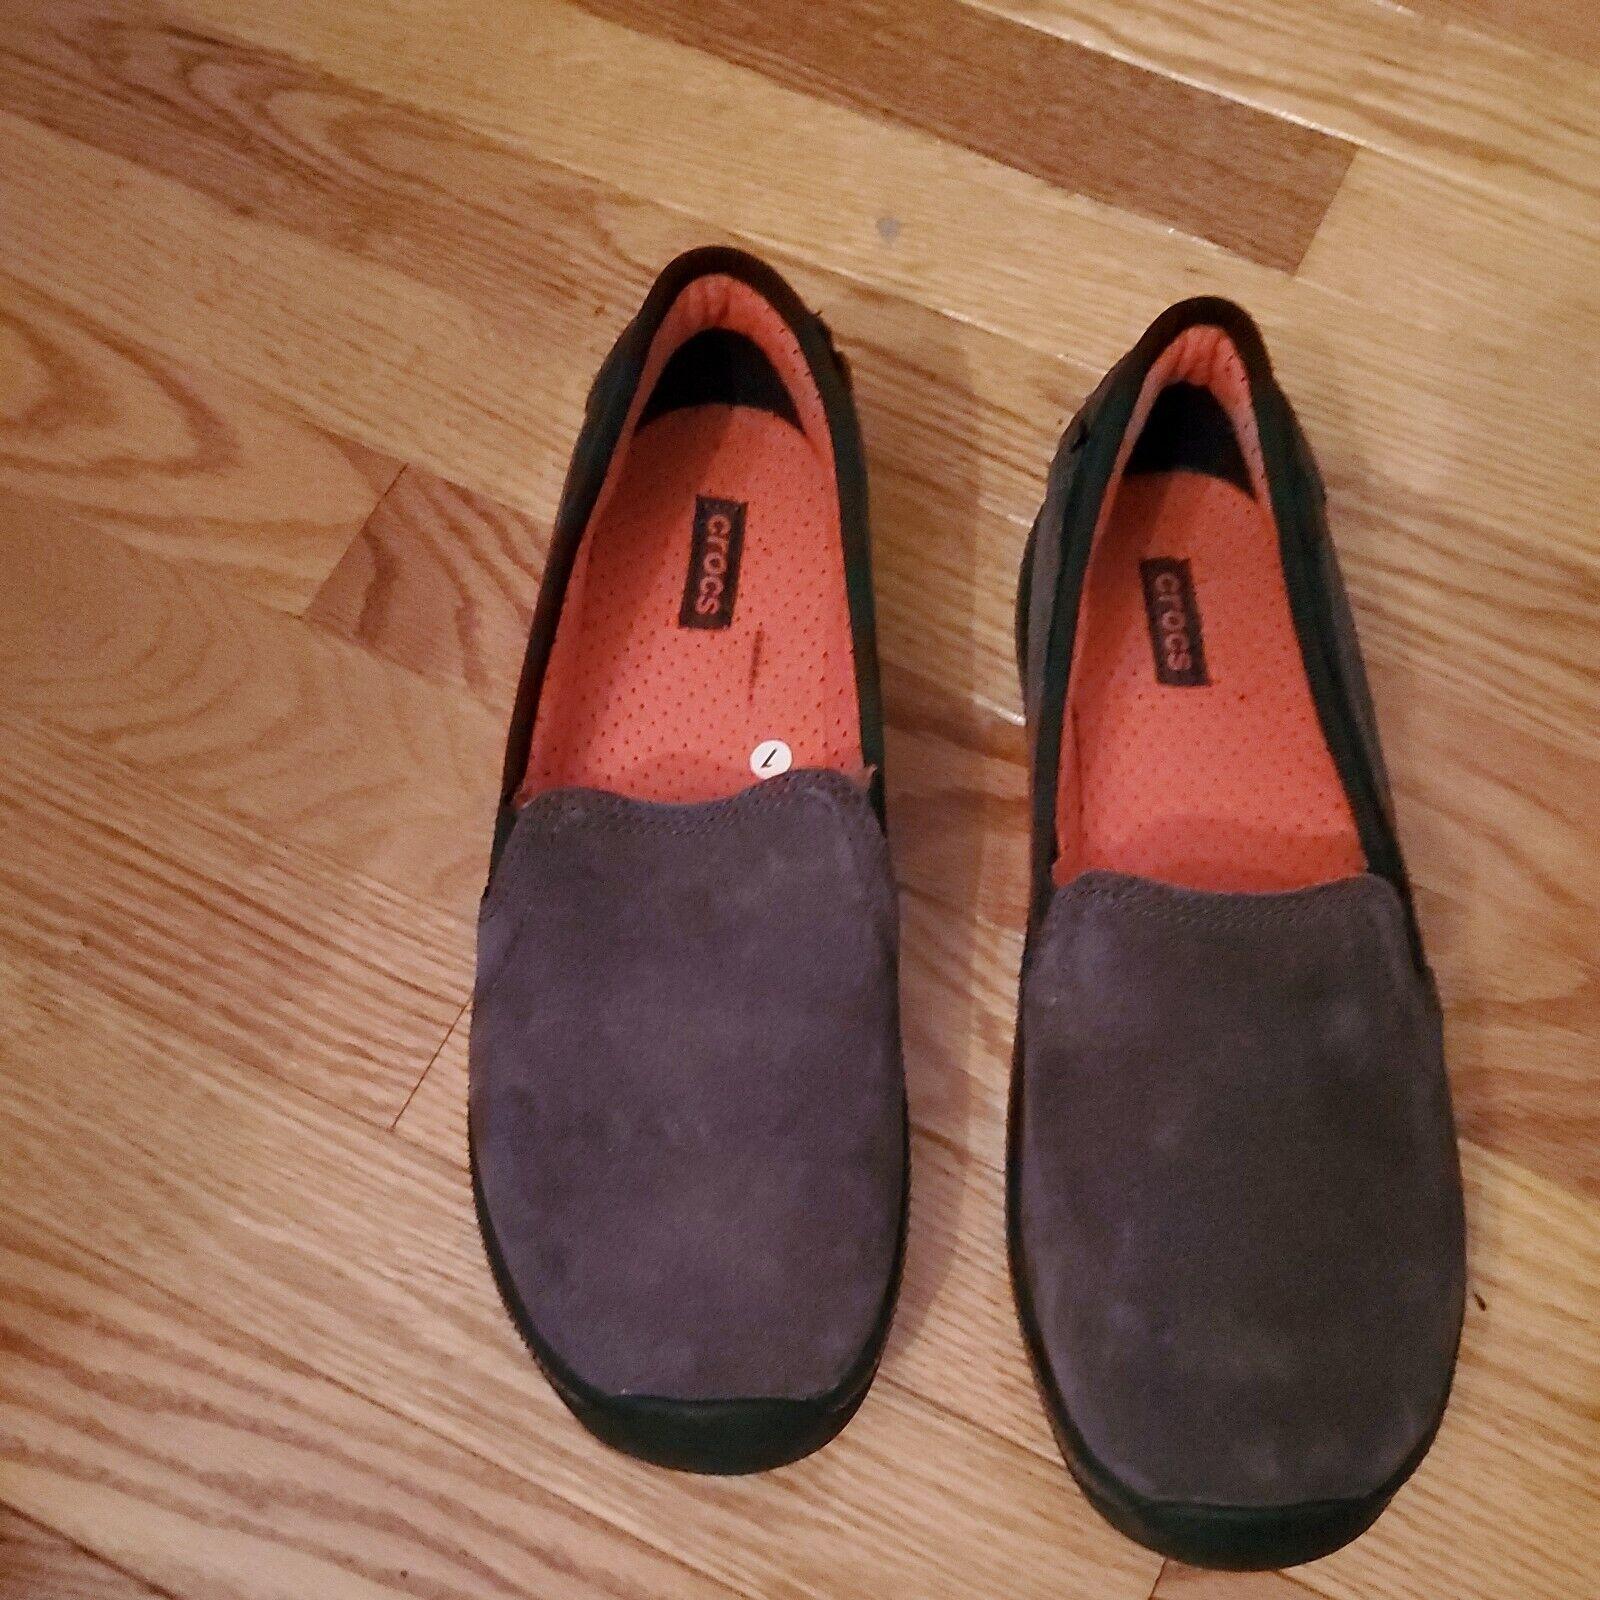 crocs women Shoes Size 10